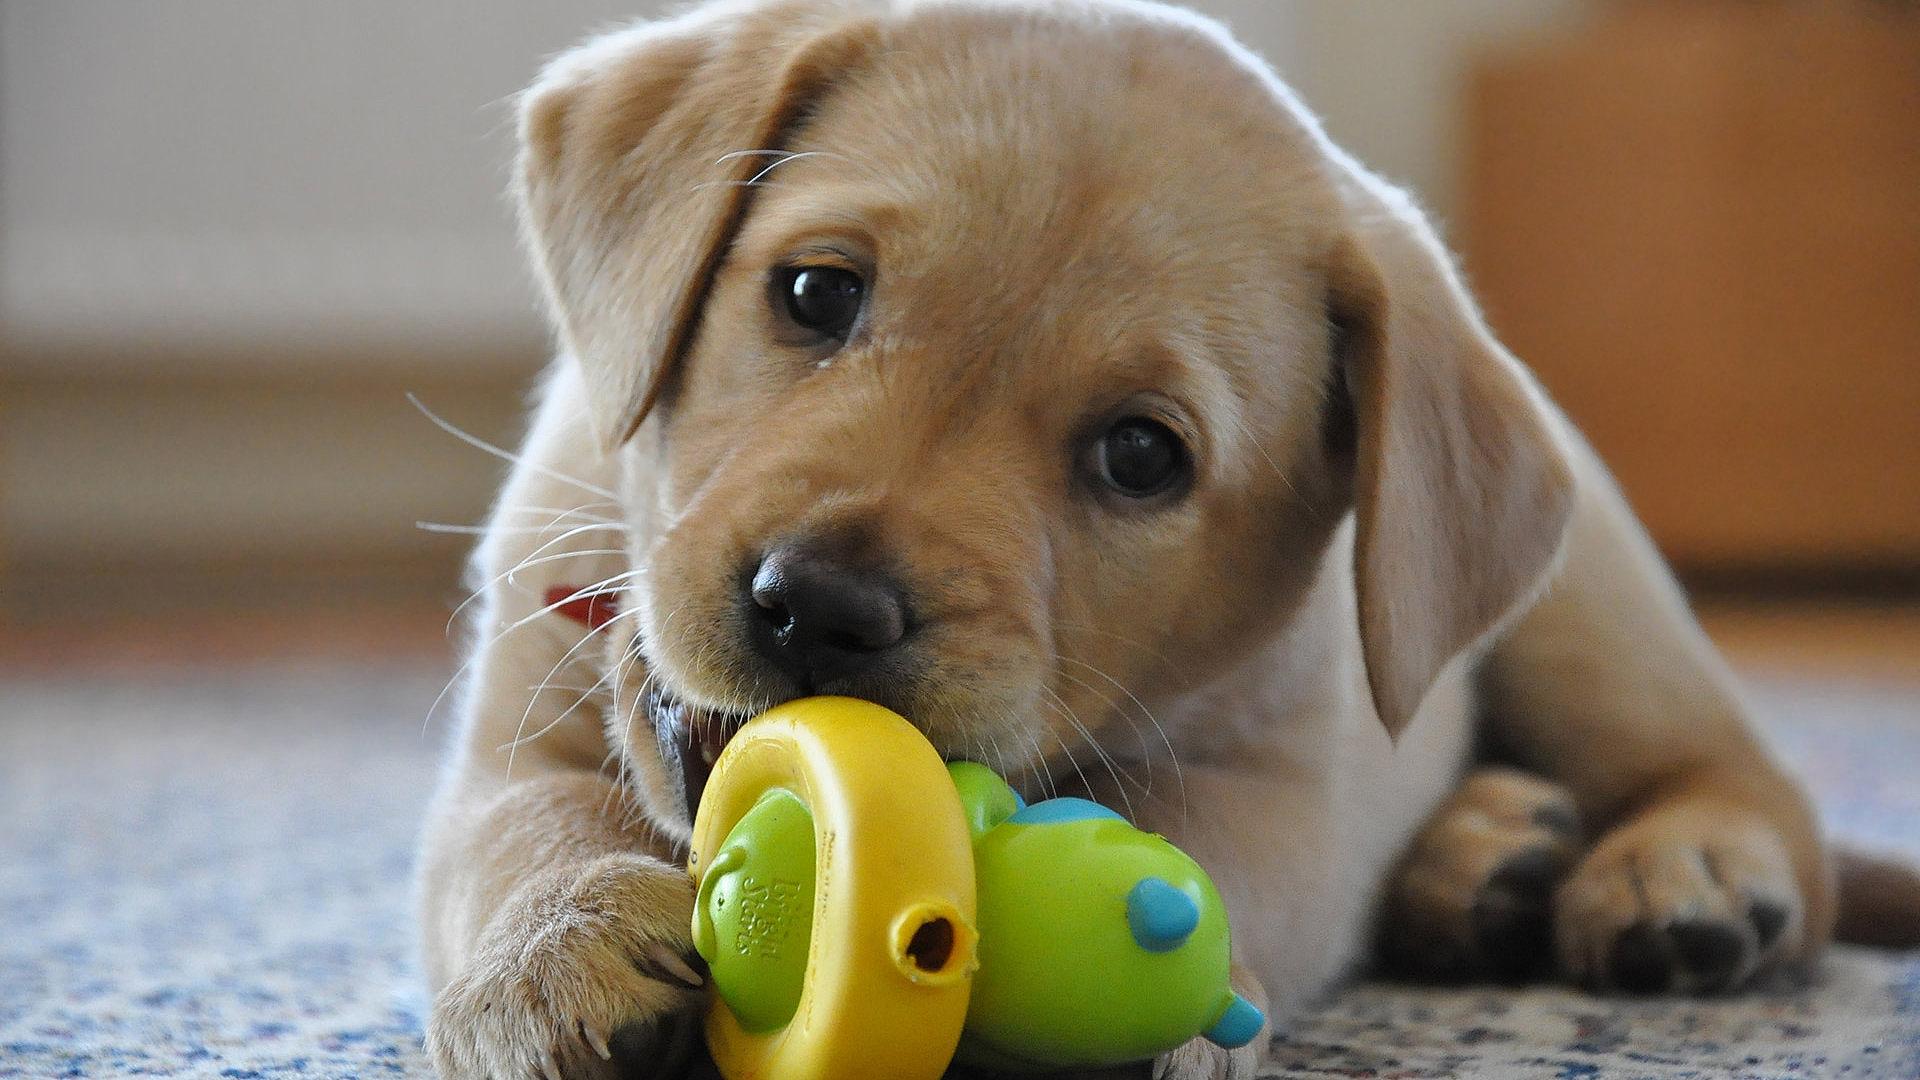 FileLabrador Retriever yellow puppyjpg   Wikipedia   m5xeu 1920x1080